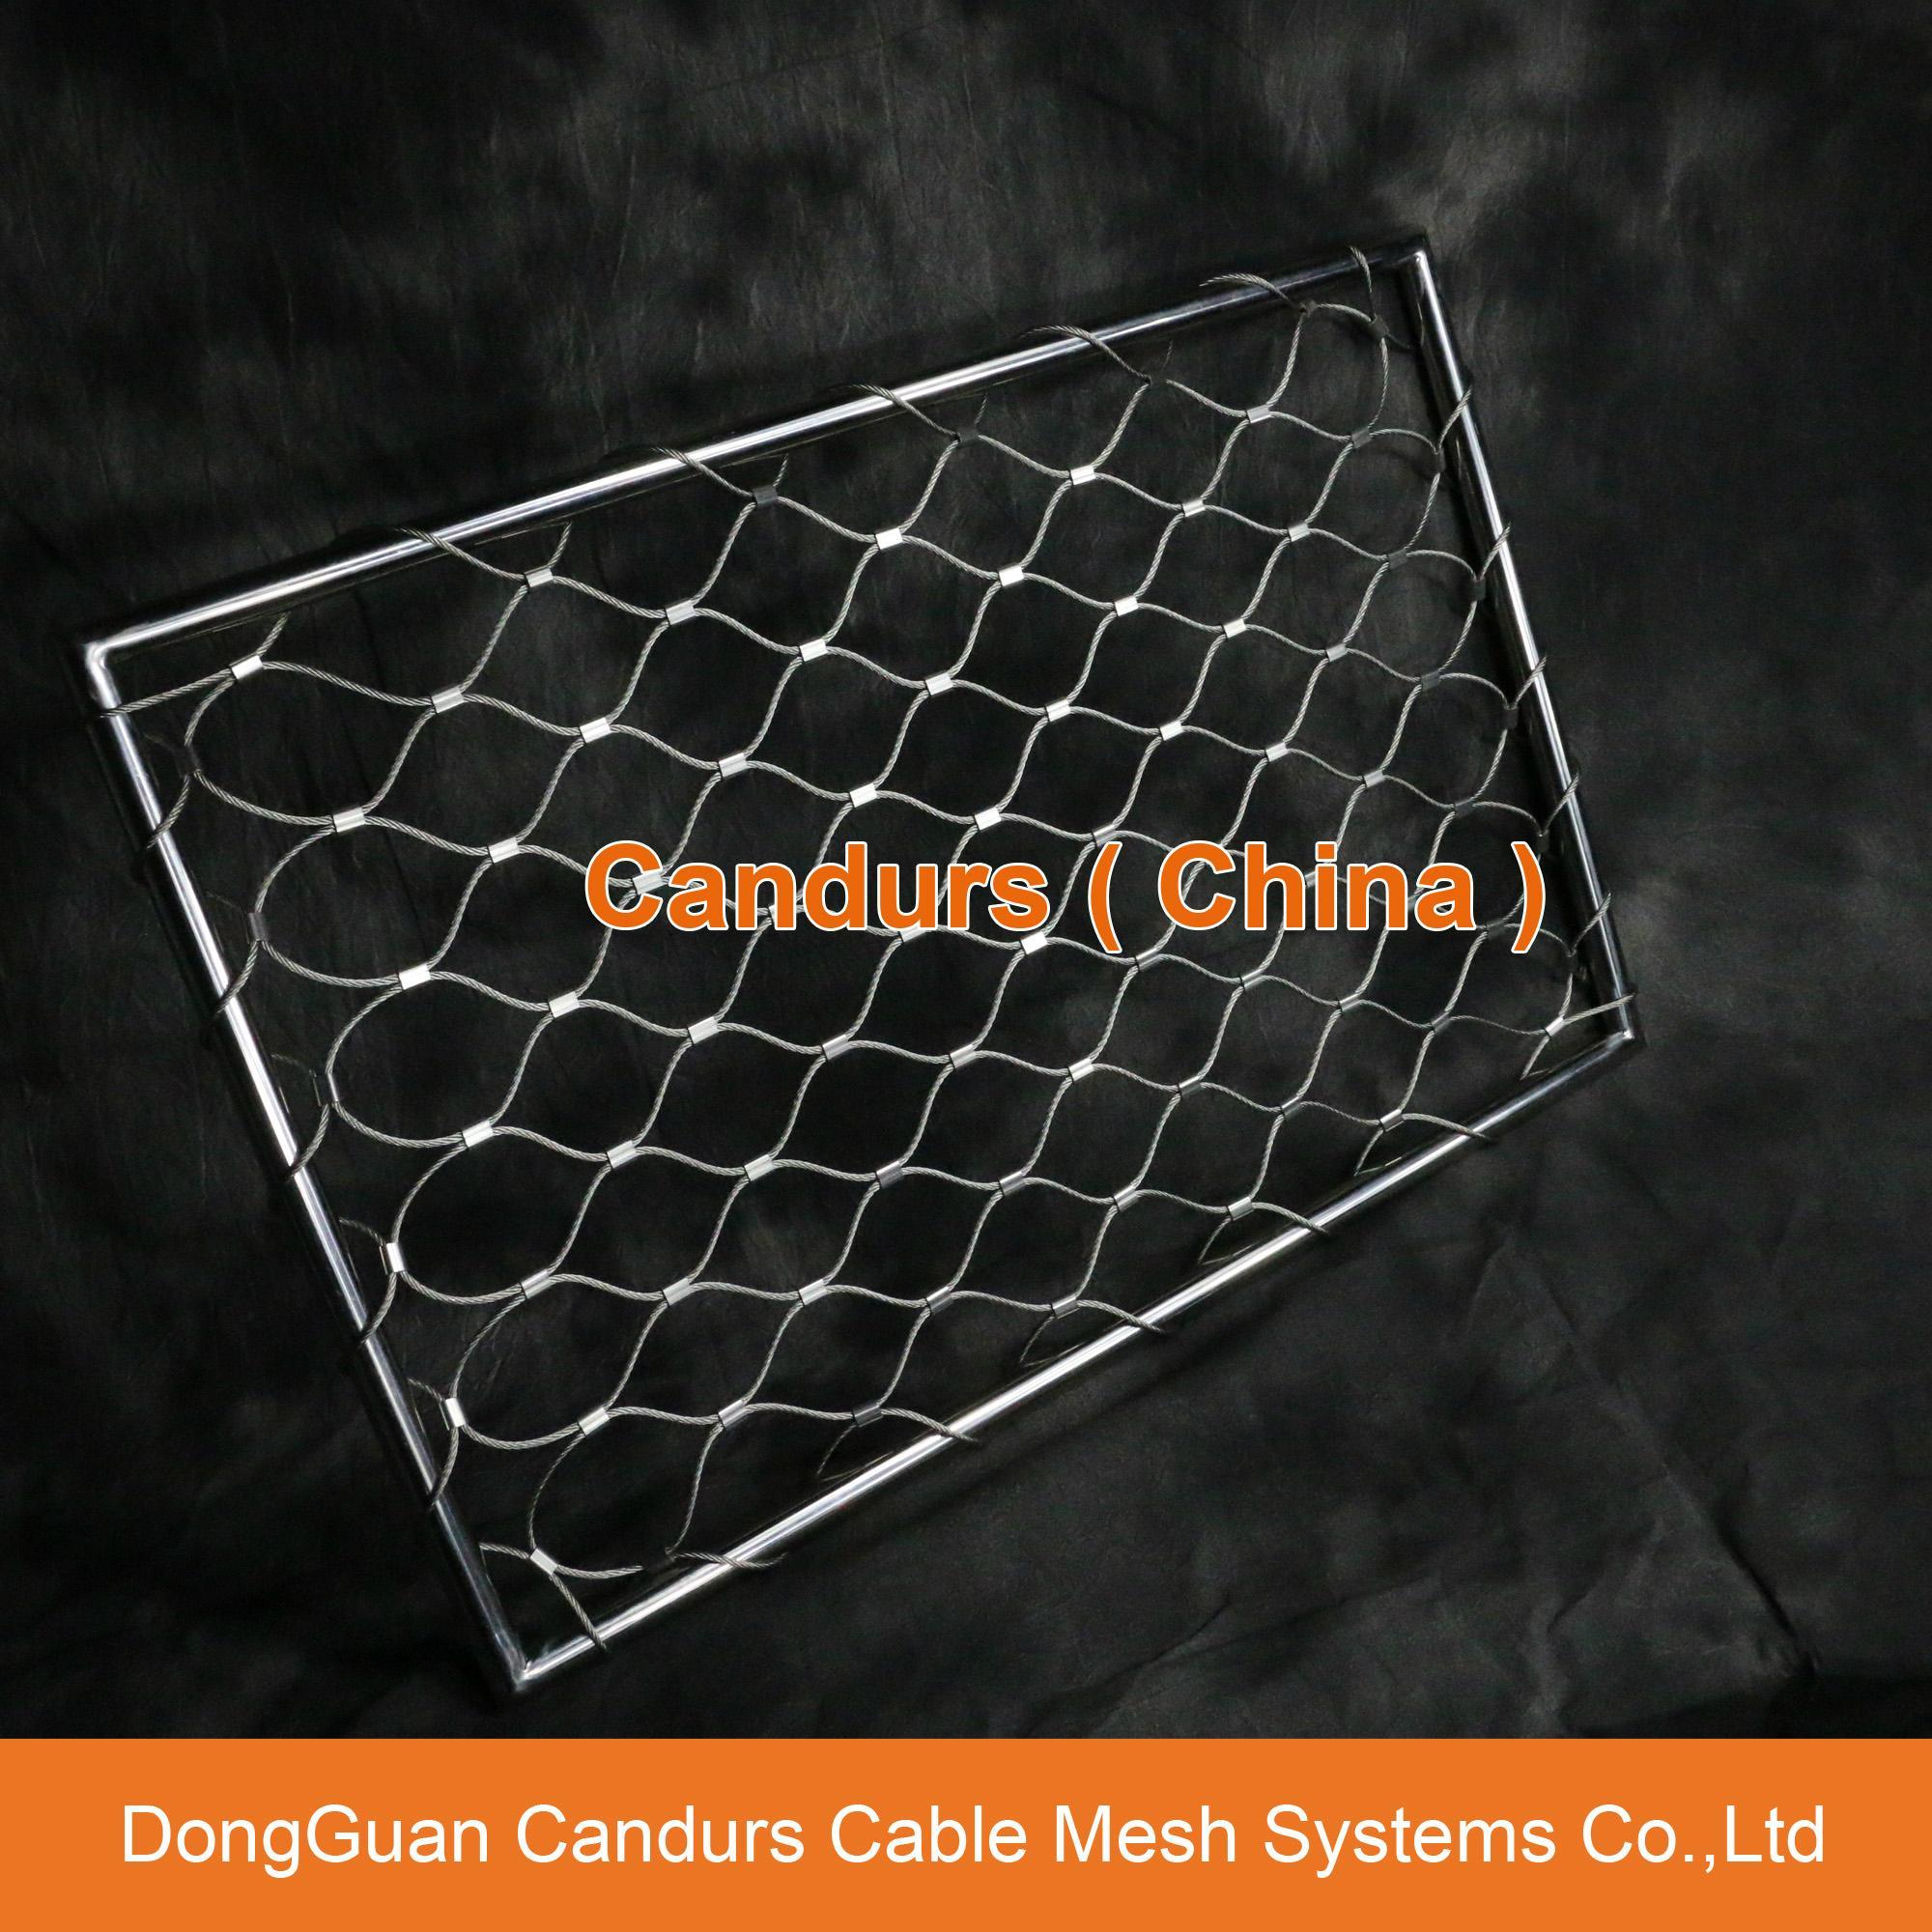 不锈钢丝绳外墙装饰网 15